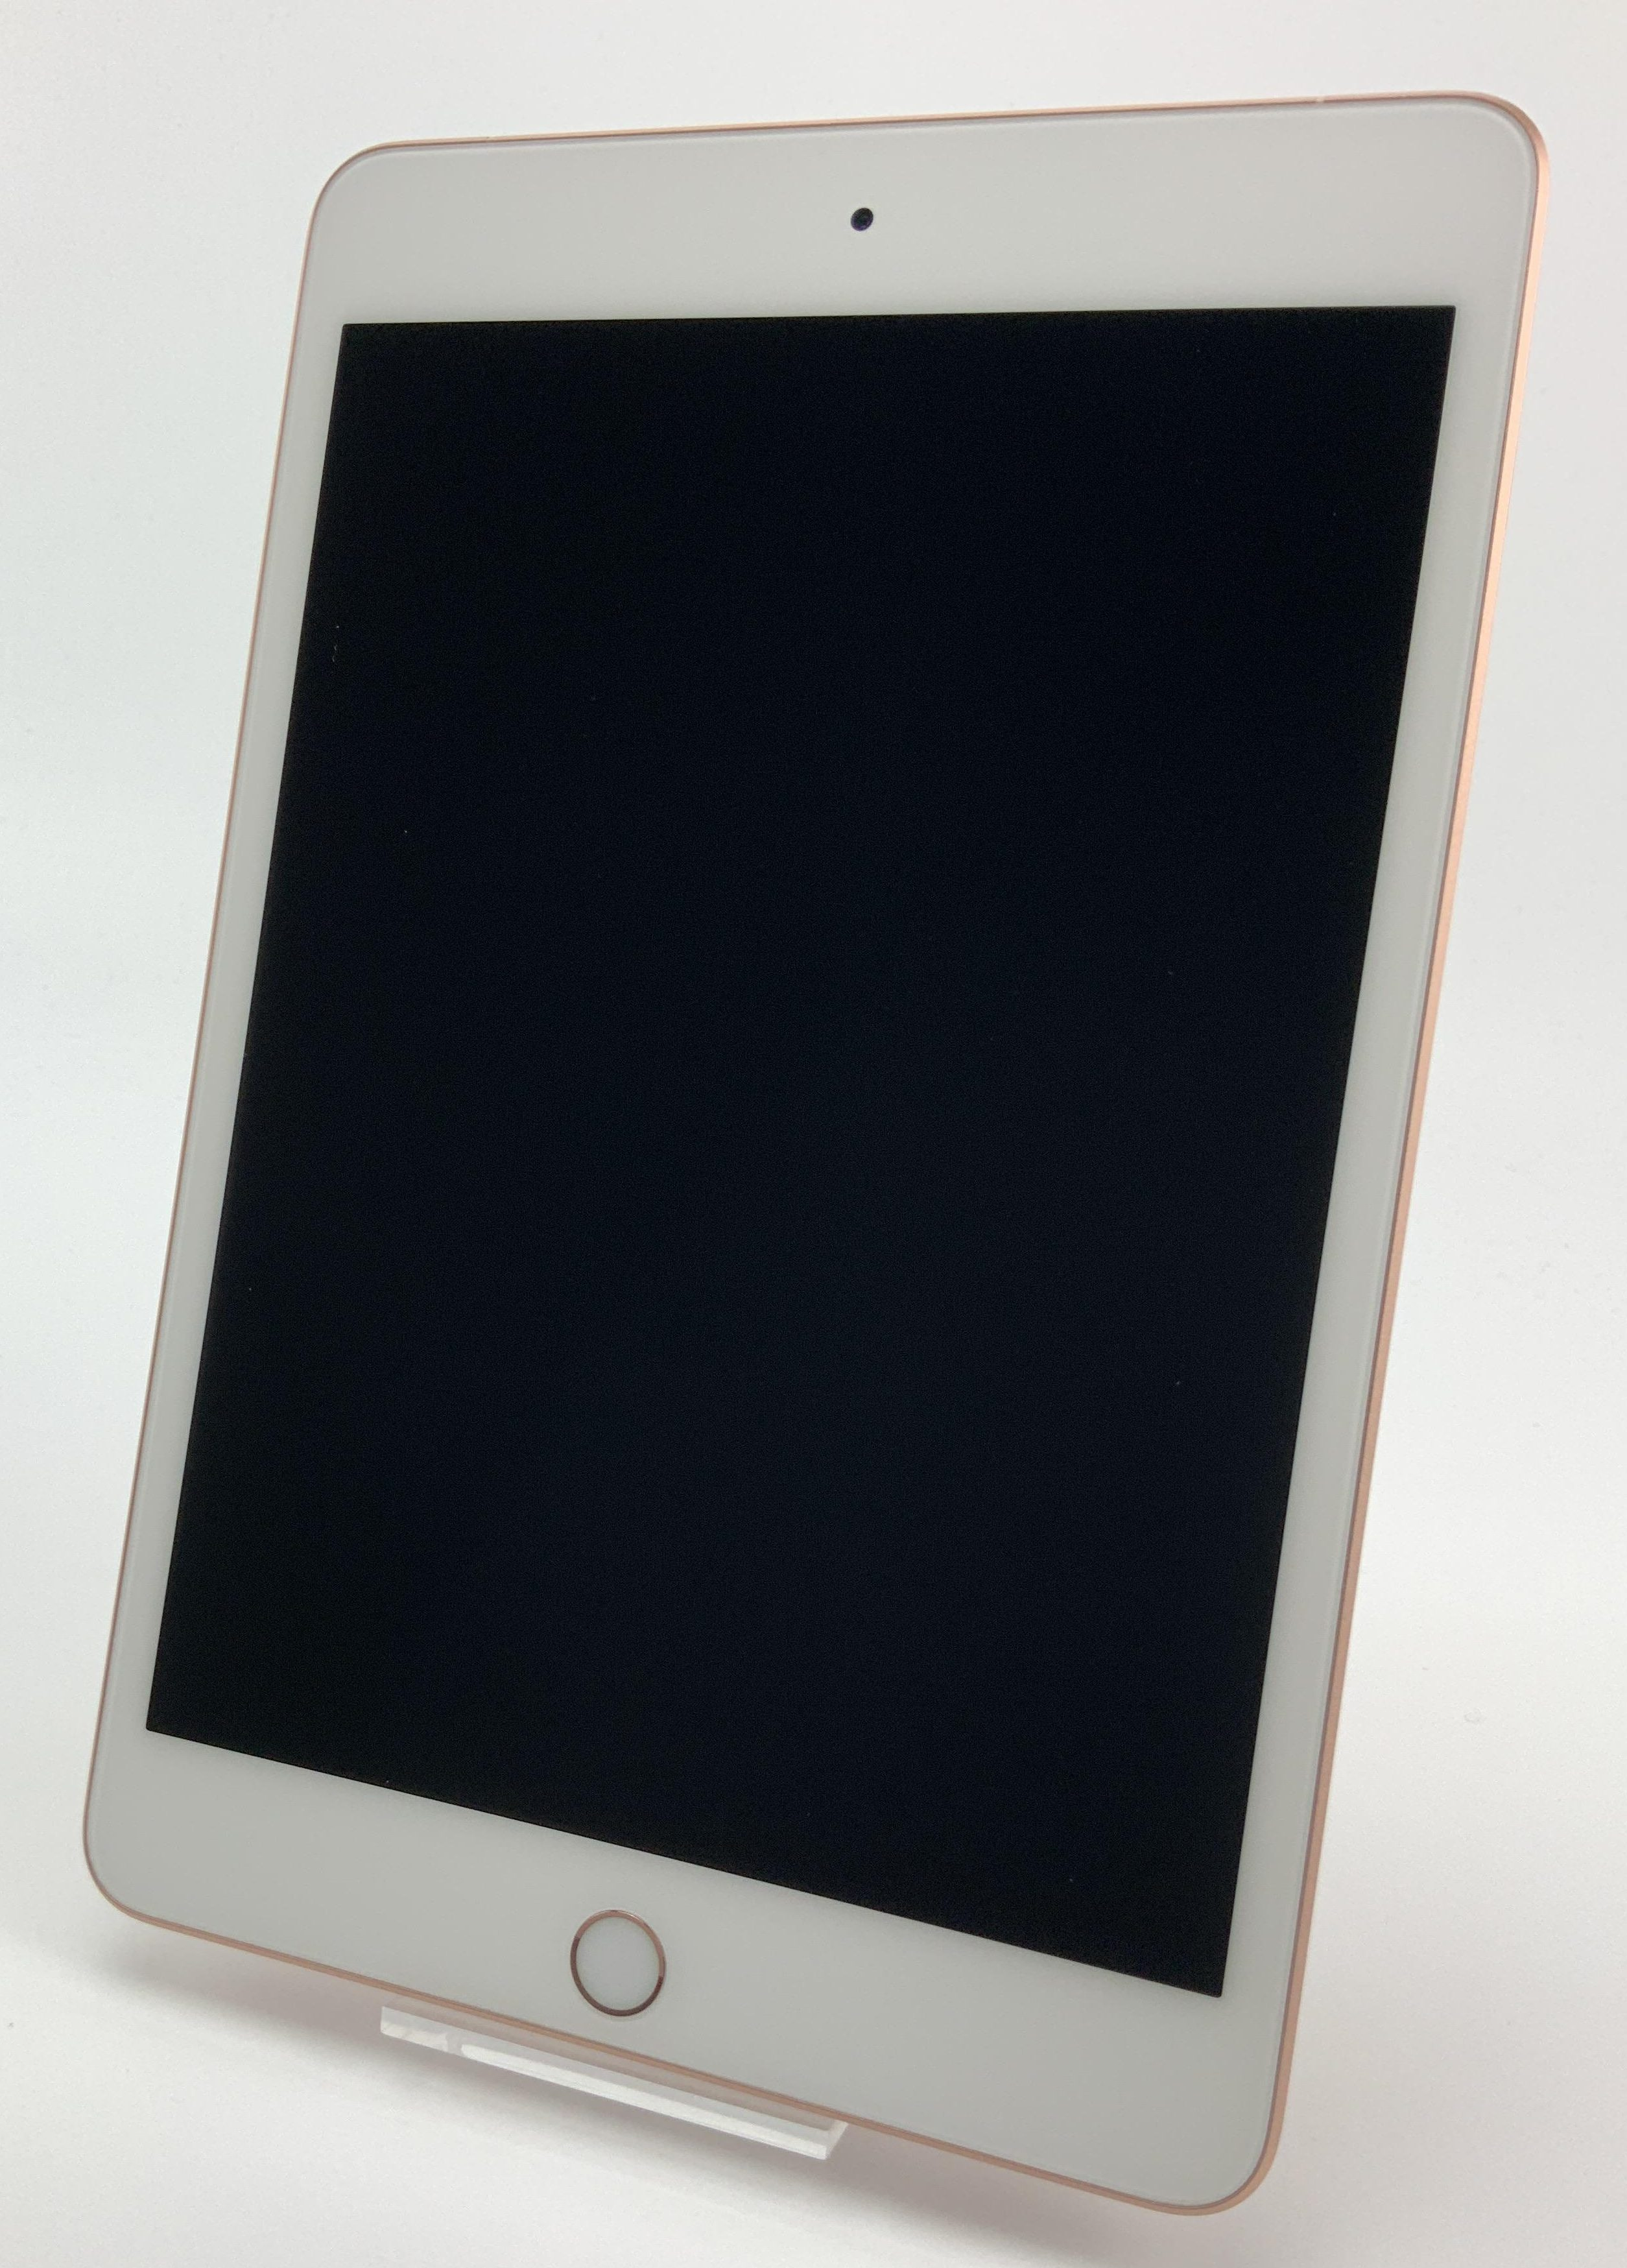 iPad mini 5 Wi-Fi + Cellular 64GB, 64GB, Gold, imagen 1